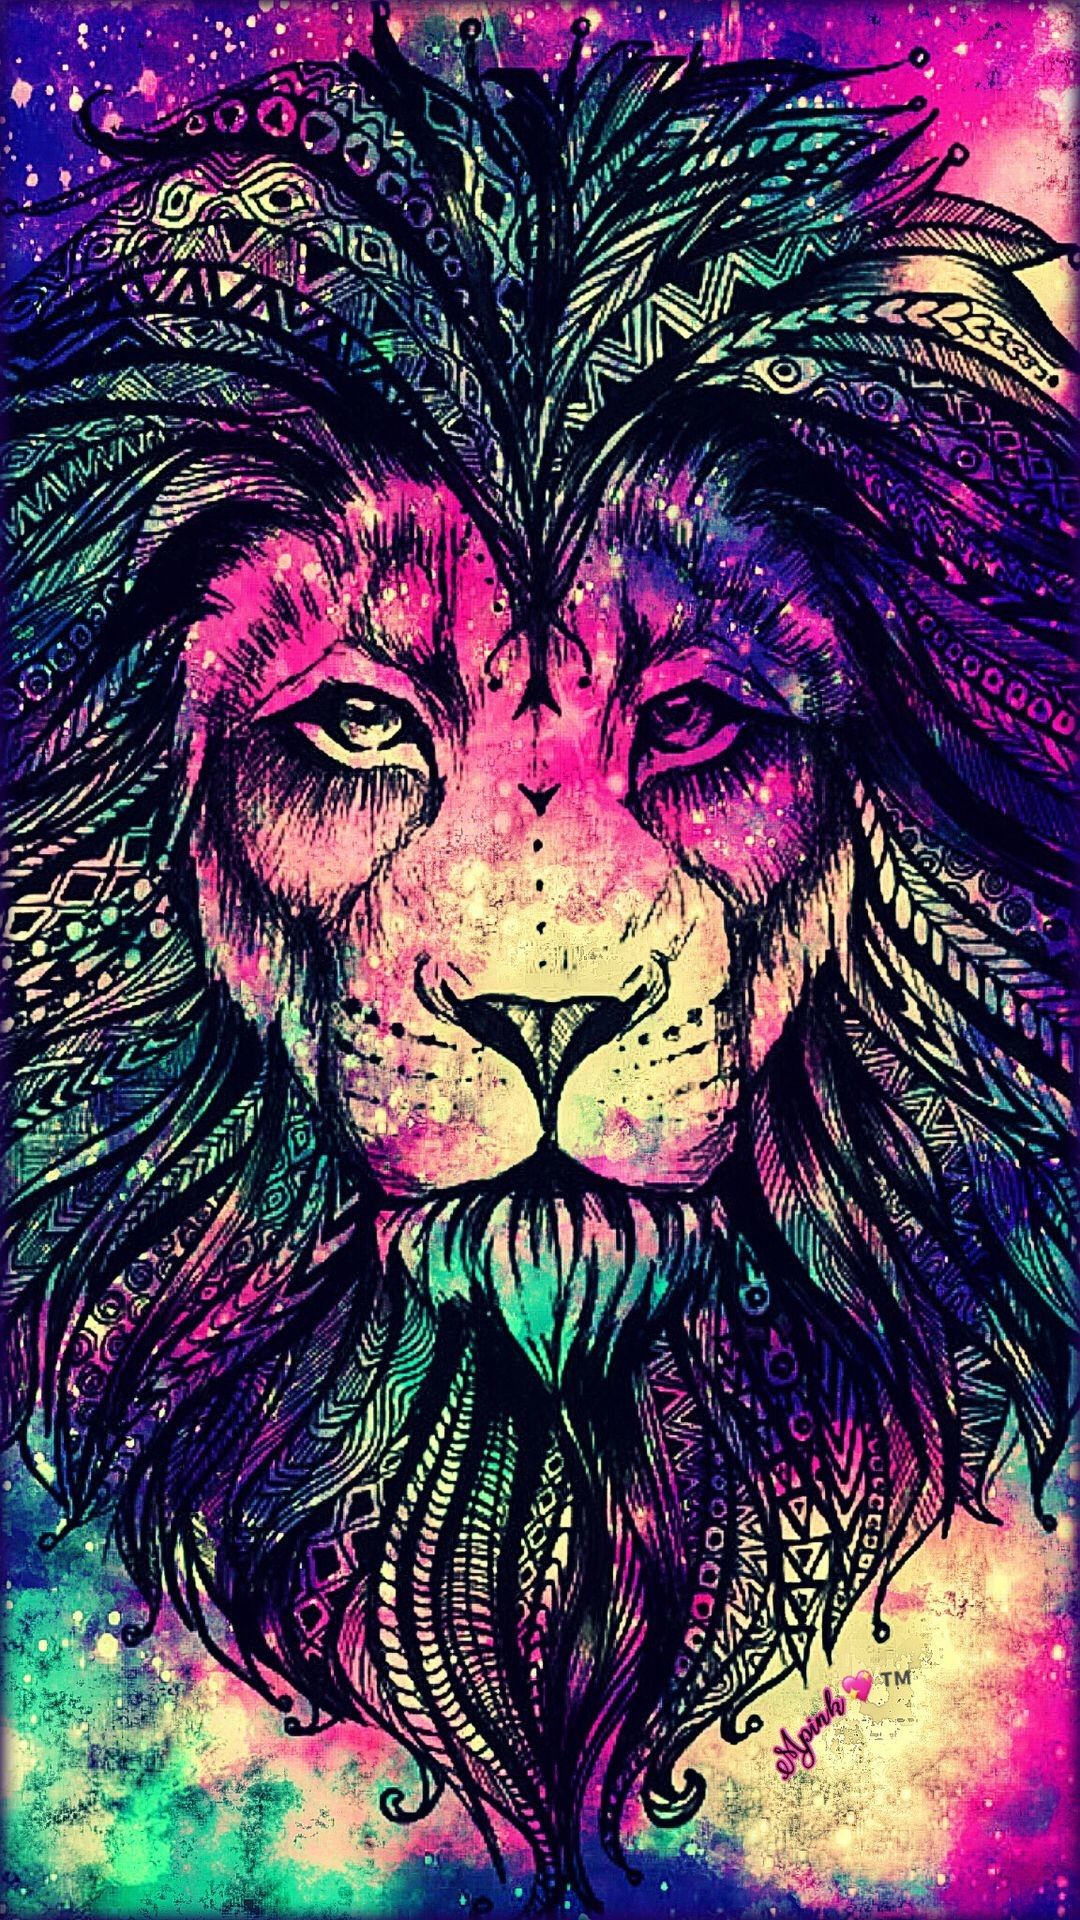 Colorful Lion Colorful Lion Animal Wallpaper Lion Wallpaper